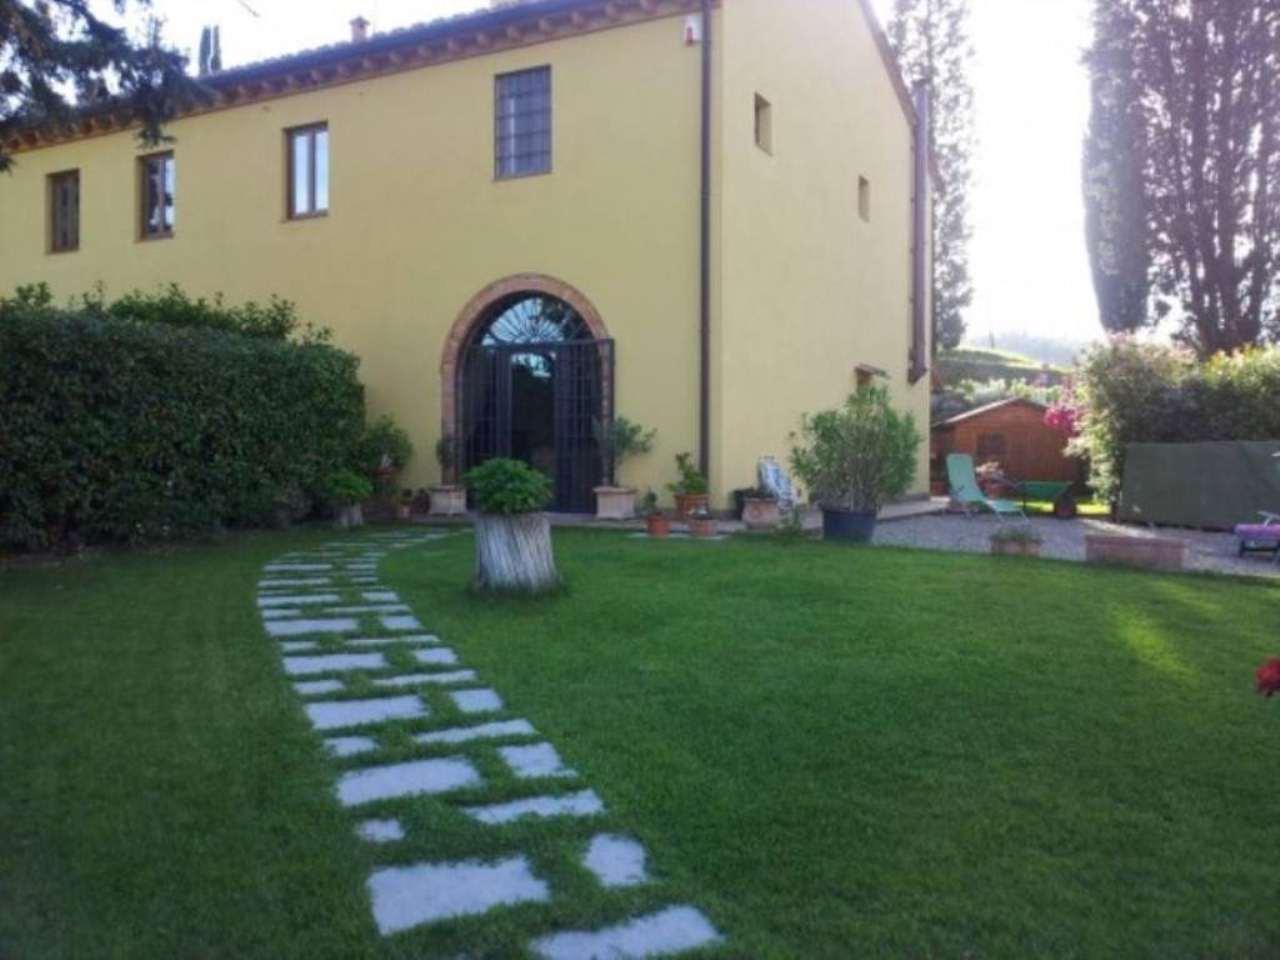 Rustico / Casale in vendita a Montespertoli, 5 locali, prezzo € 350.000   CambioCasa.it